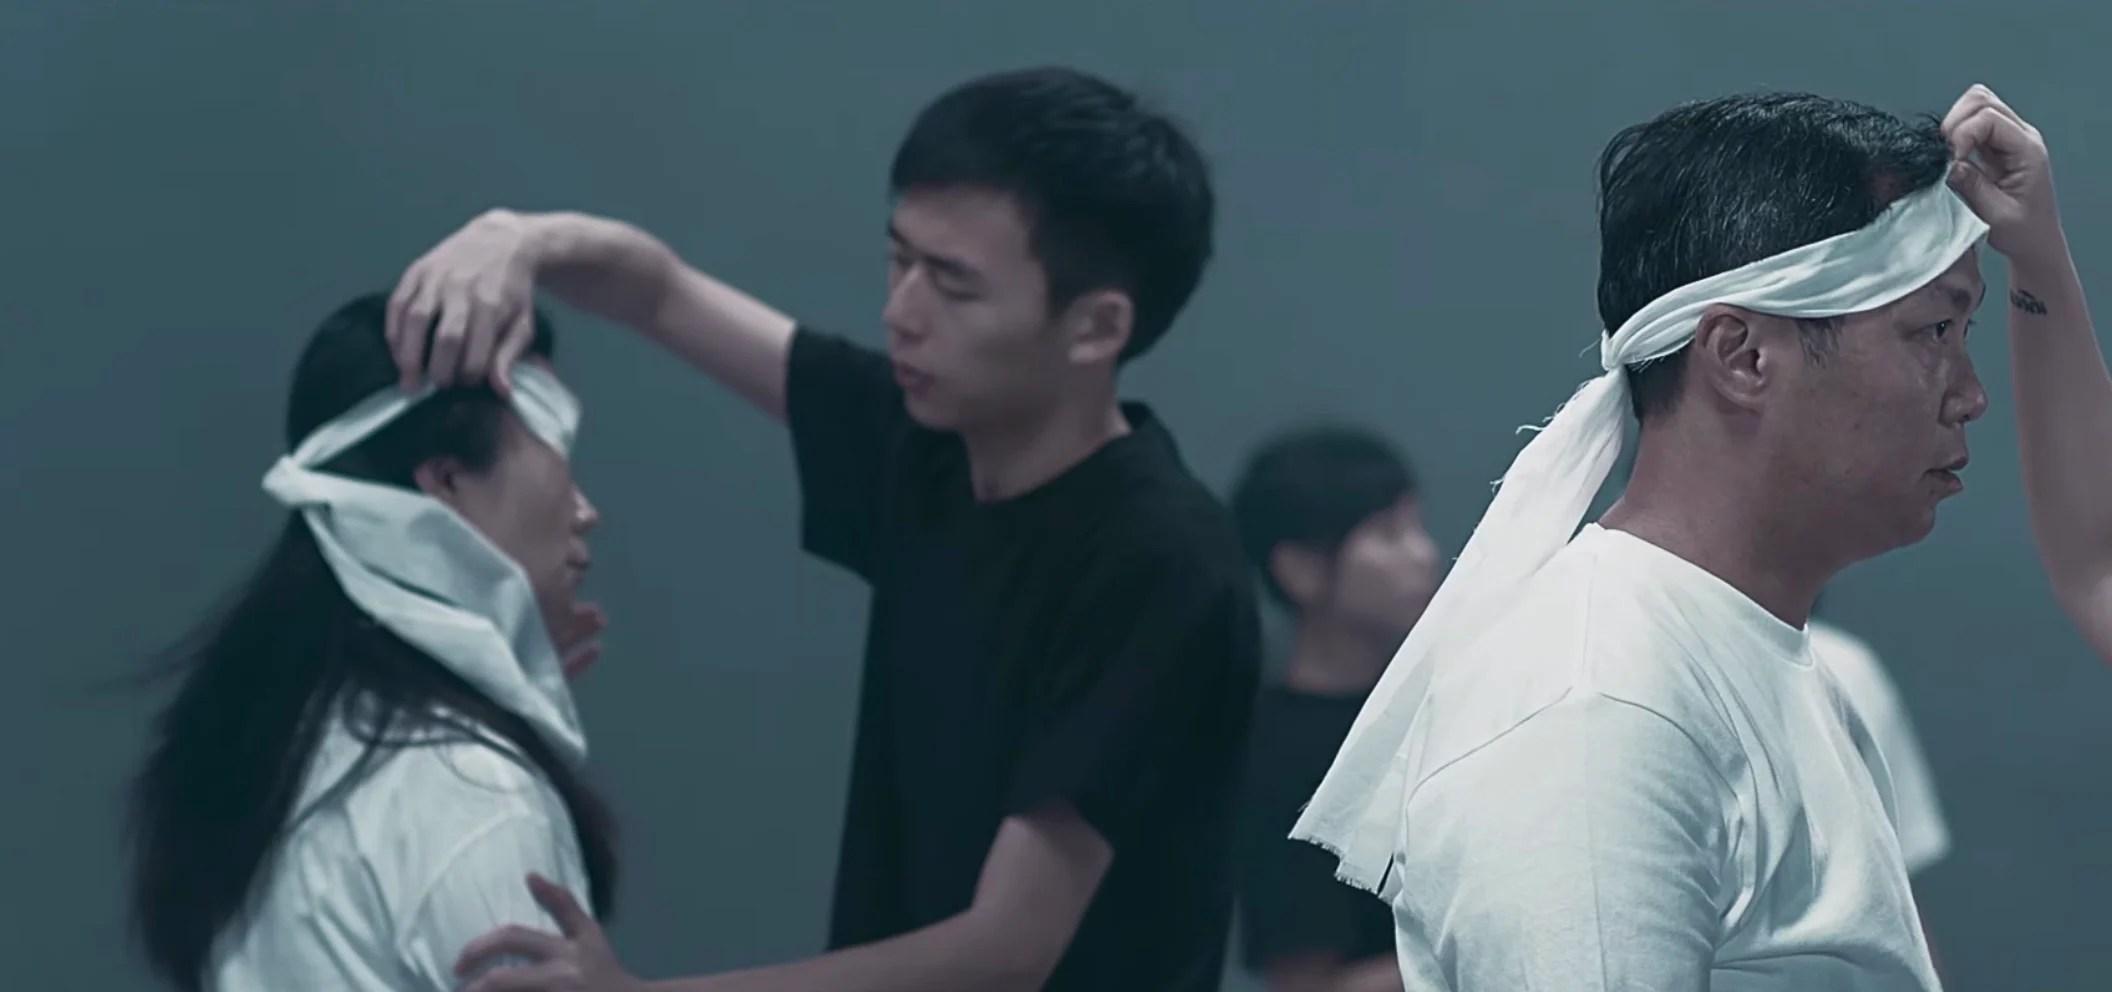 解開蒙蔽雙眼的人!方皓玟新歌《願》MV 唱出黑與白的對立,刺痛你心的歌詞,MV中6個讓人淌淚的隱藏訊息你 ...